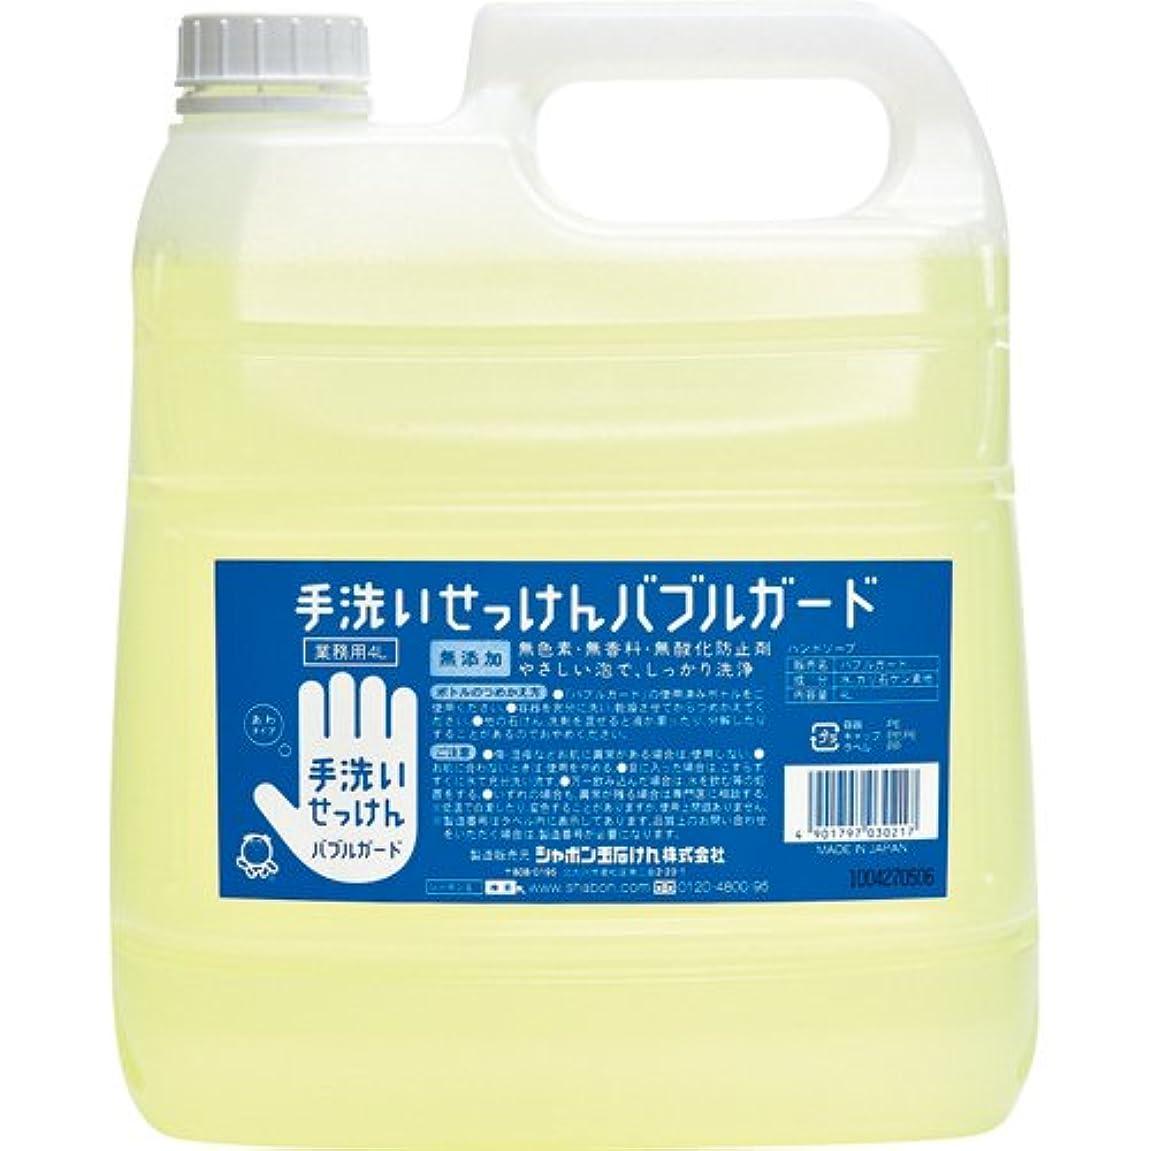 オーディション昨日なんでも[シャボン玉石けん 1692542] (ケア商品)手洗いせっけん バブルガード 泡タイプ 業務用 4L